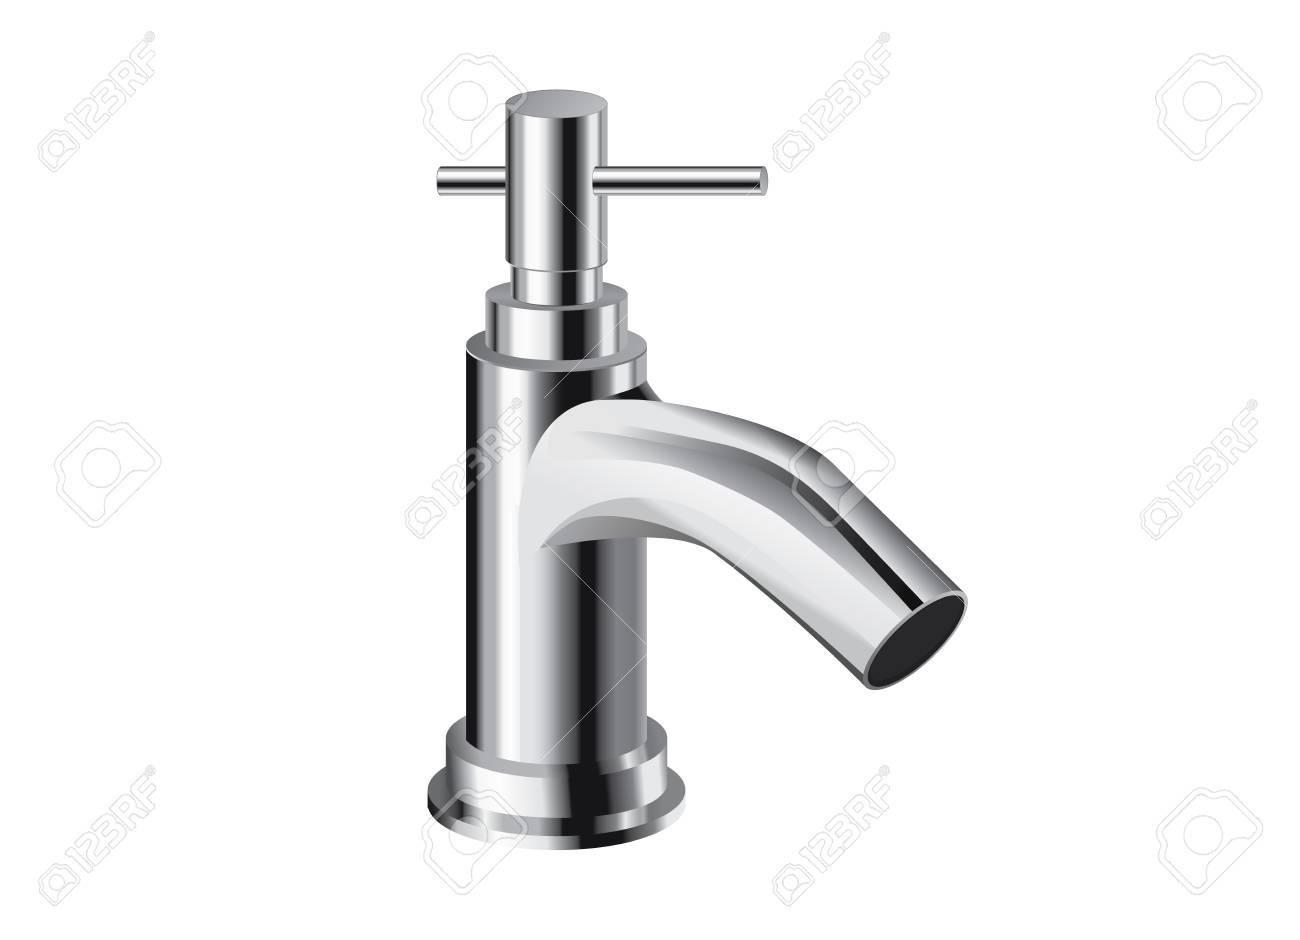 Einloch Bad Wasserhahn. Einhand-Kontrollen. Objekt über Badezimmer ...